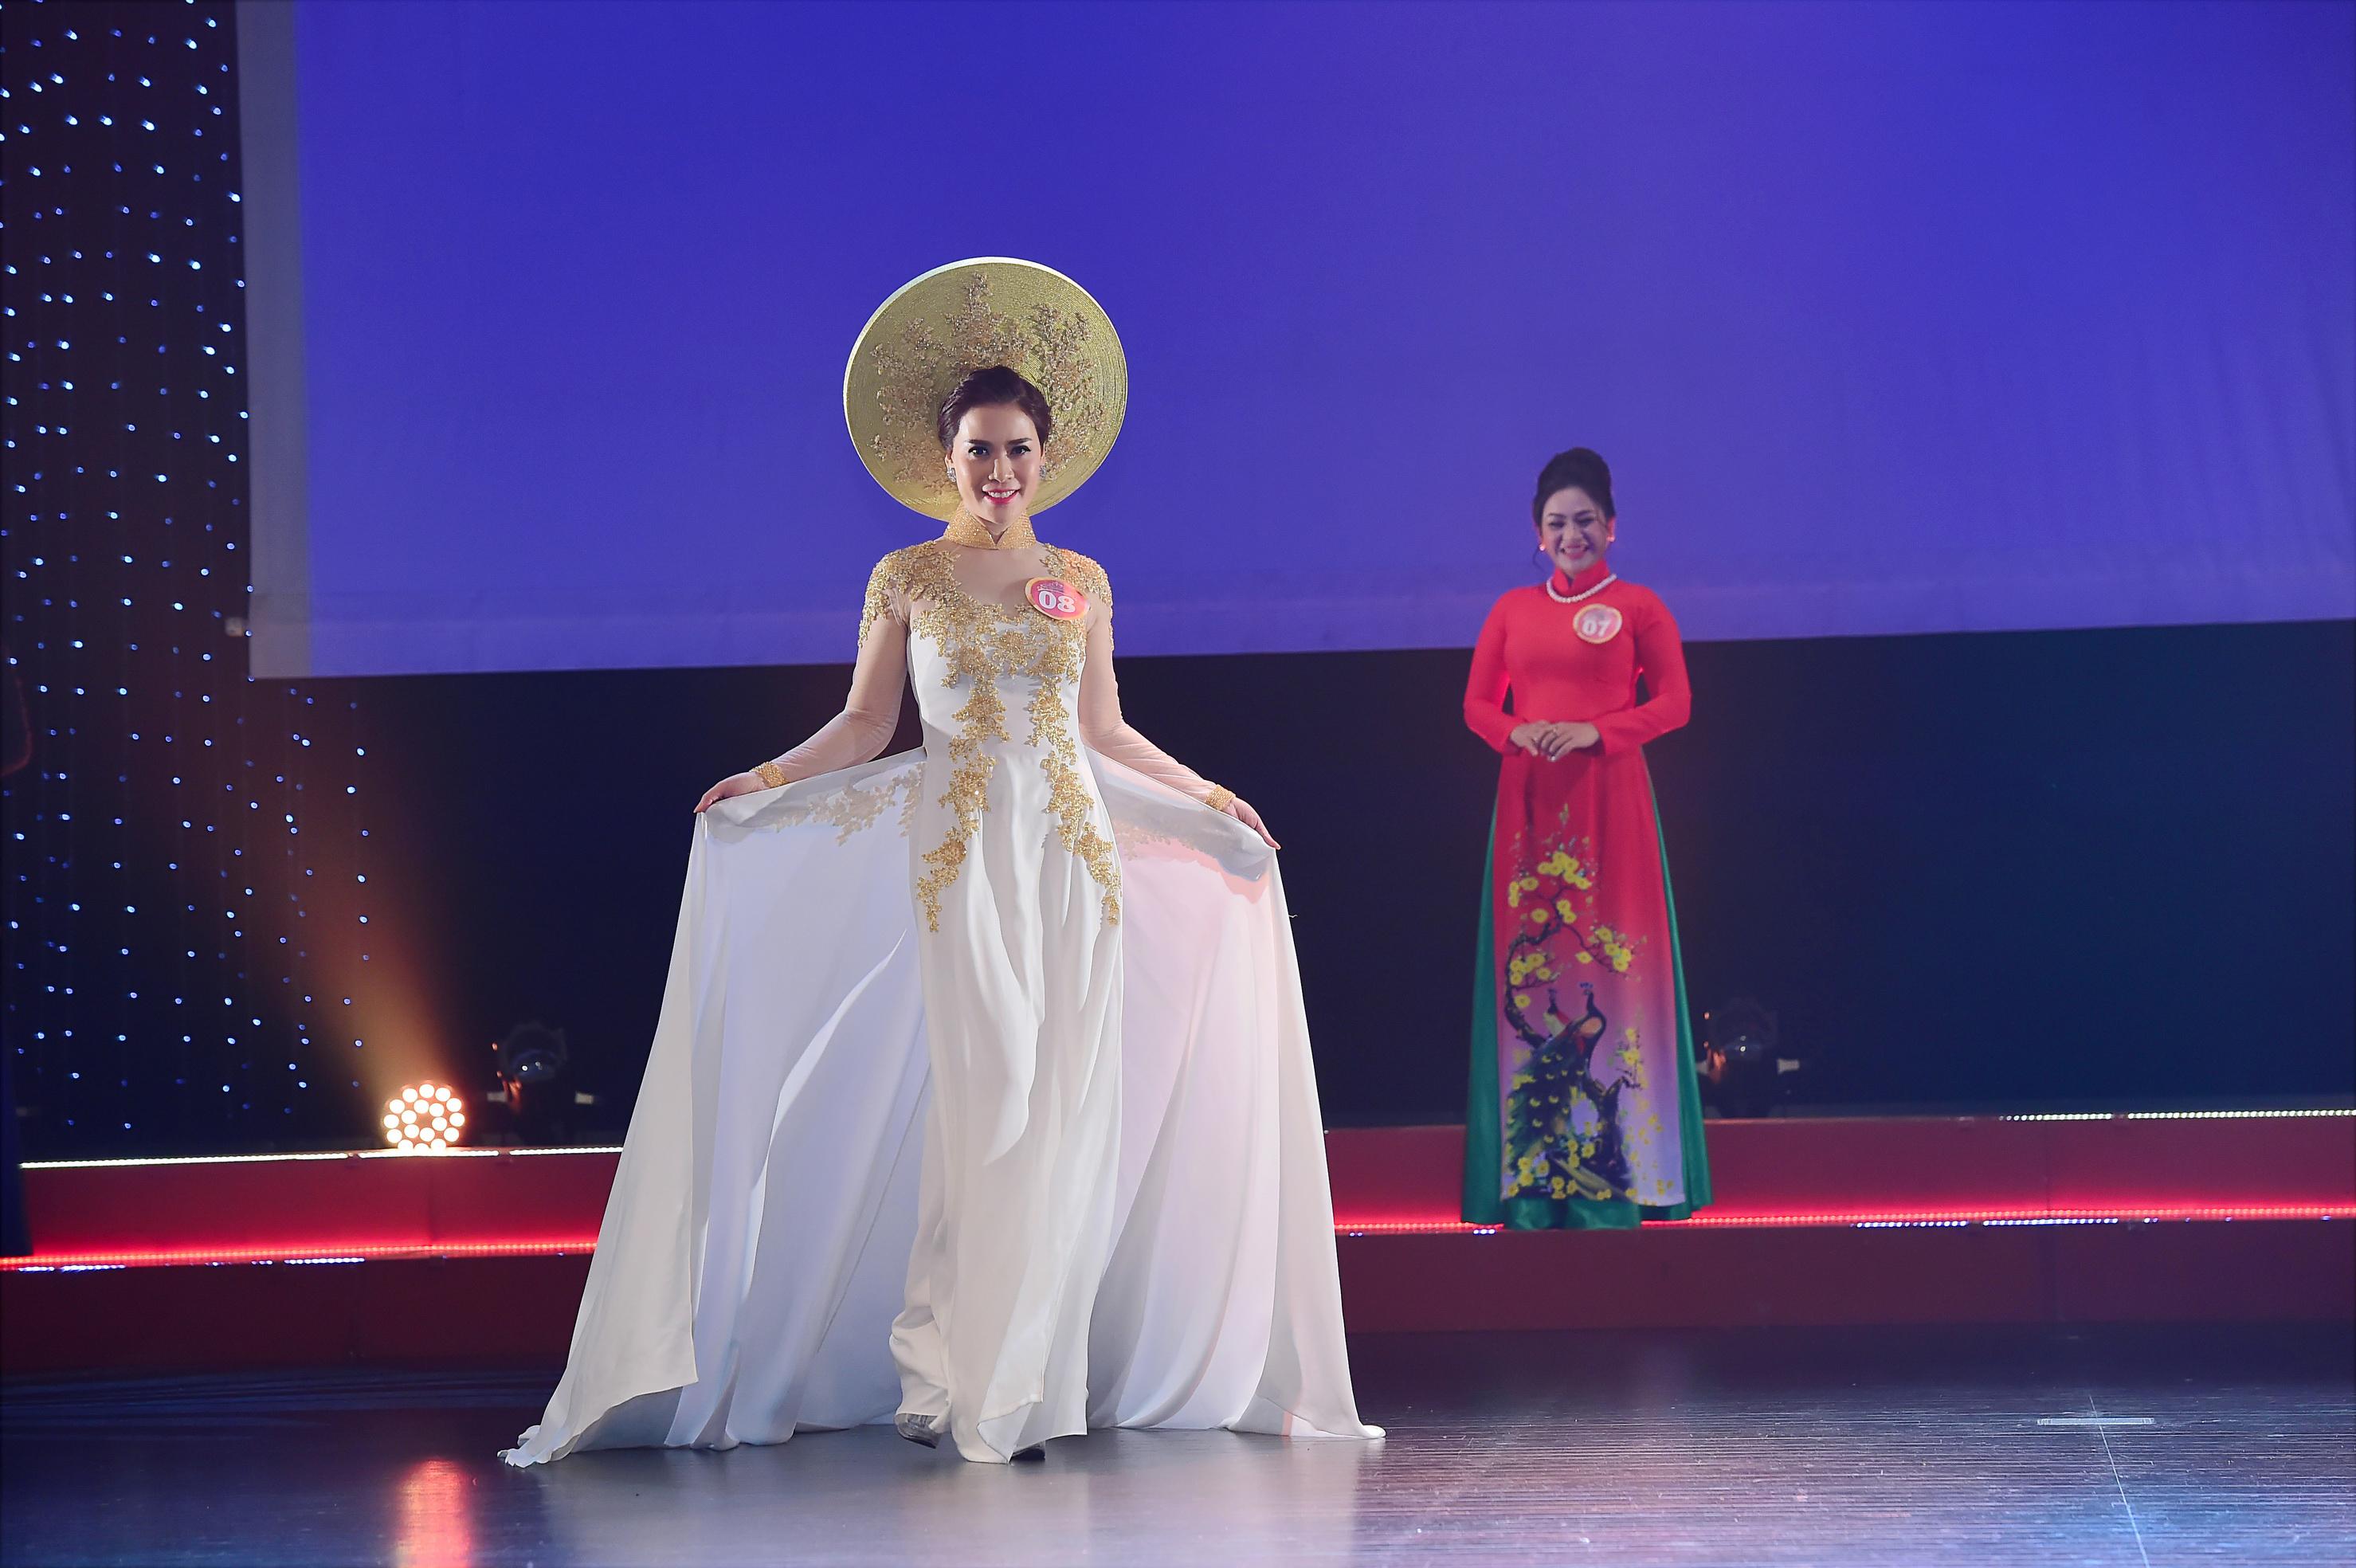 Ngỡ ngàng nhan sắc đẹp nao lòng của Á Hậu 1 – Hoa hậu Doanh Nhân Châu Á Trần Ngọc Lan